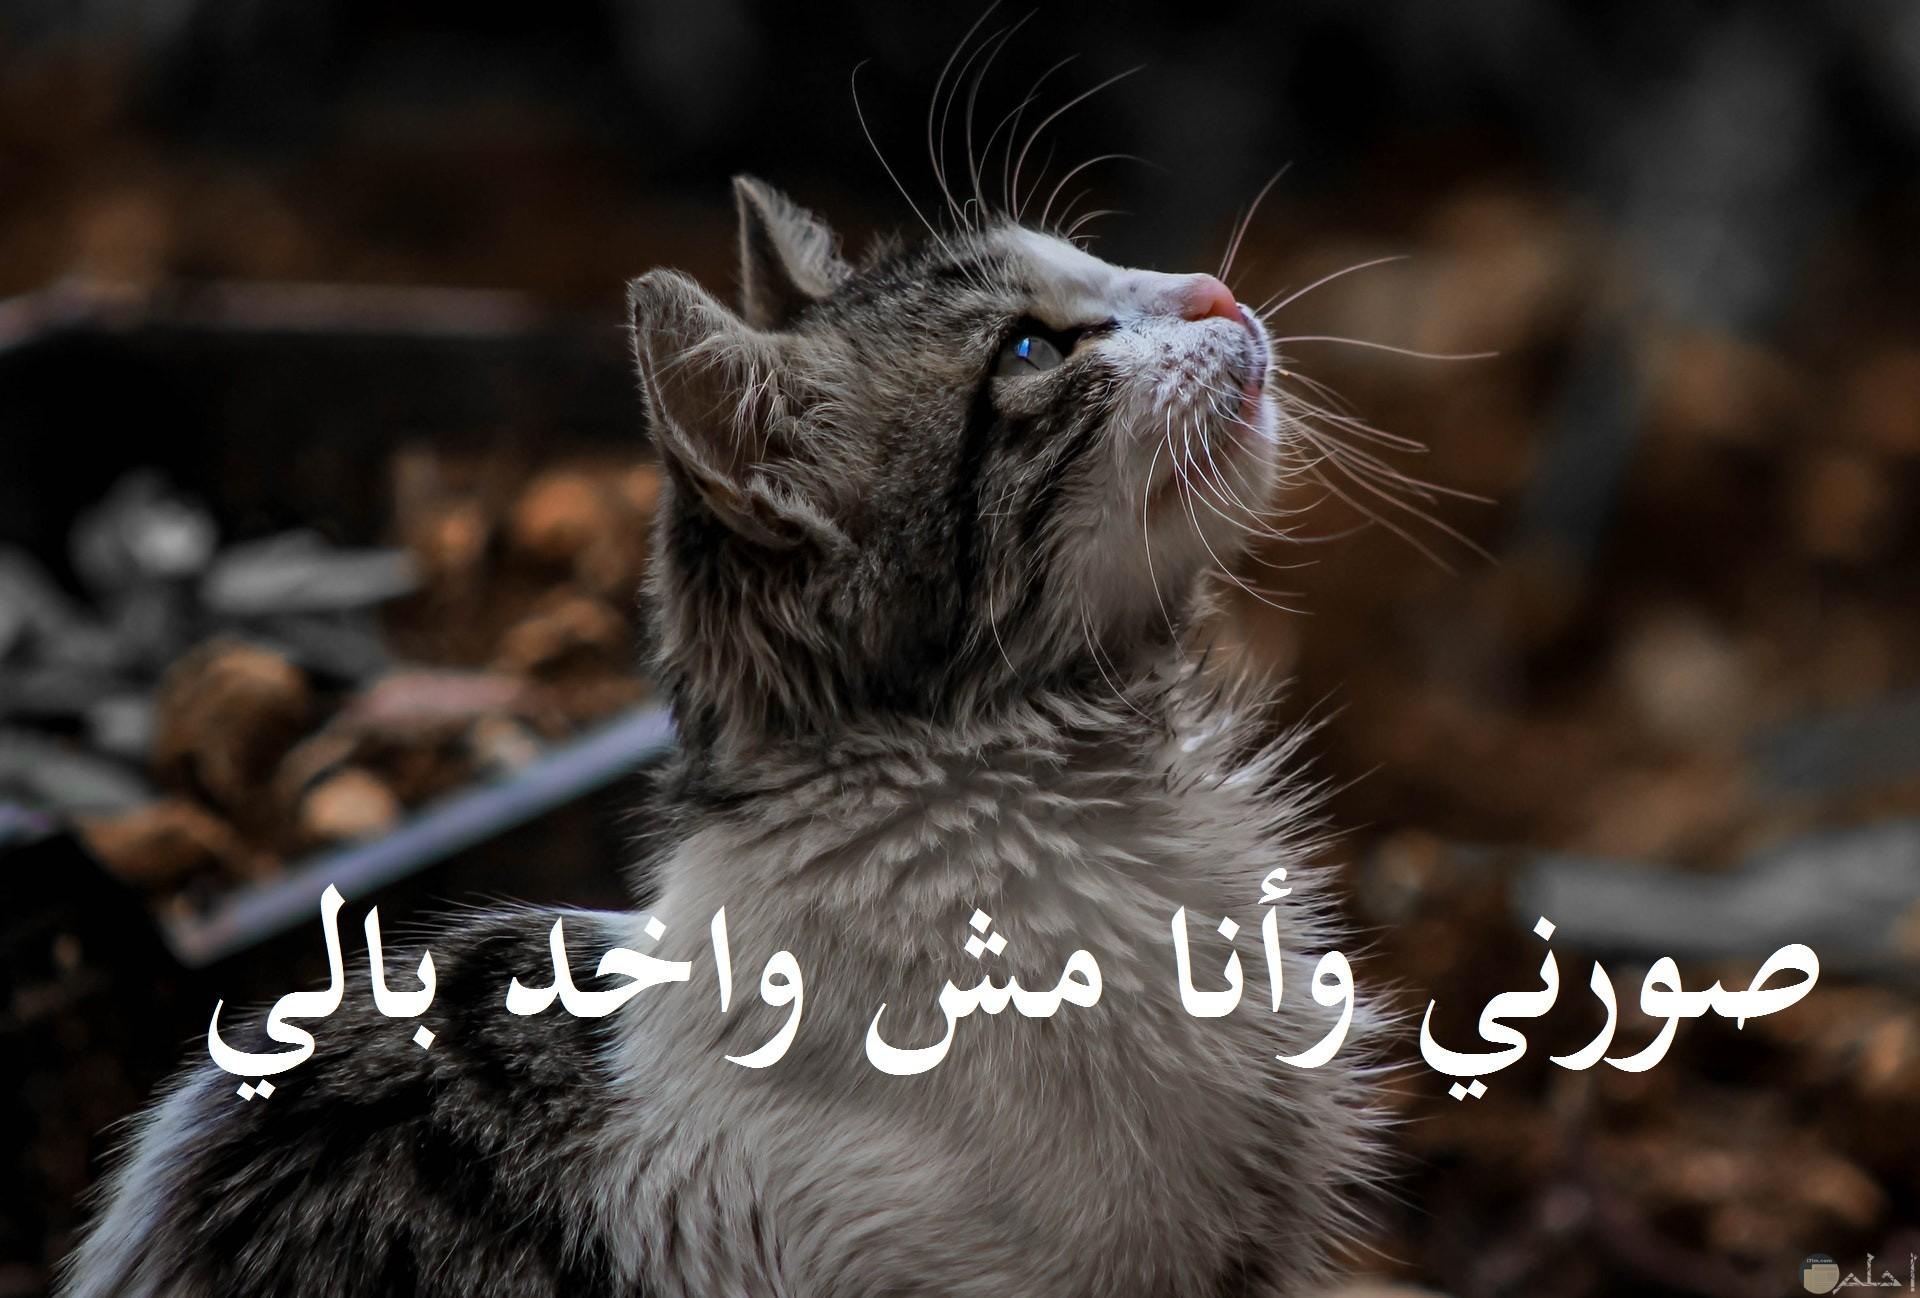 صورة مضحكة جدا لقط يتصور وهو مش واخد باله